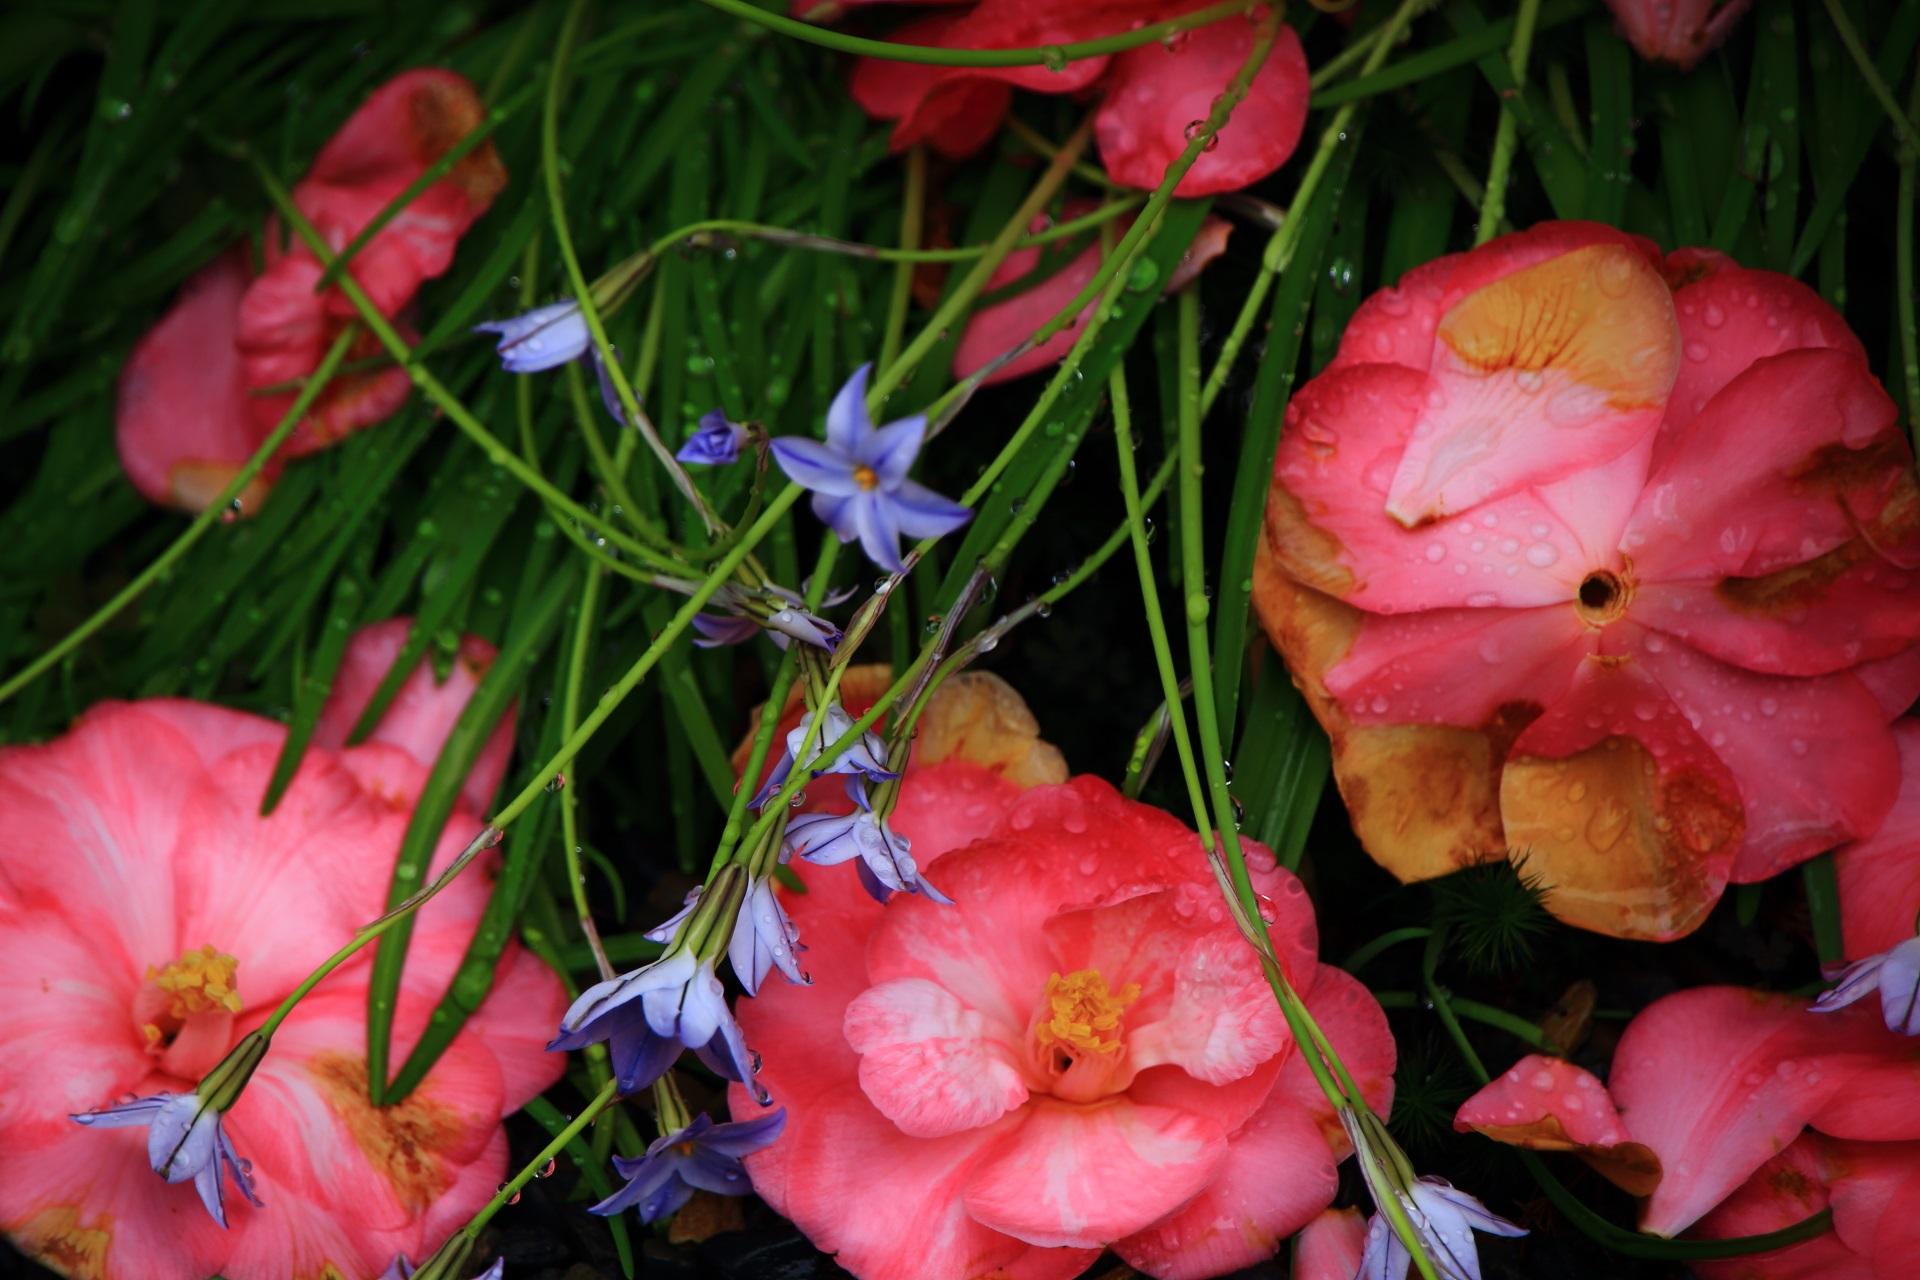 草花と散り椿のコラボ